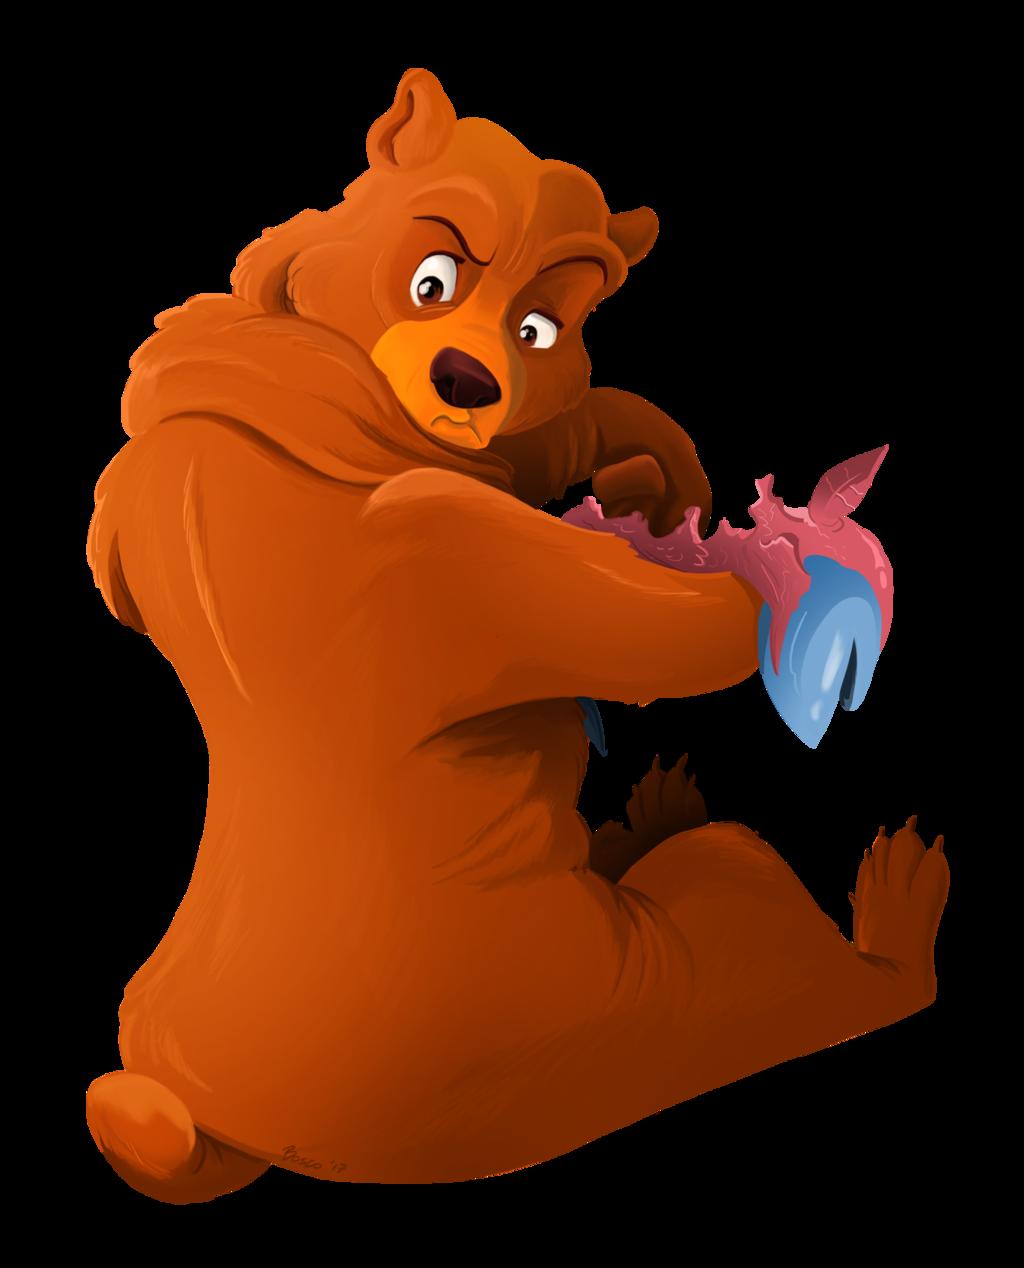 Clipart bear brother bear. Disney animal magic kenai